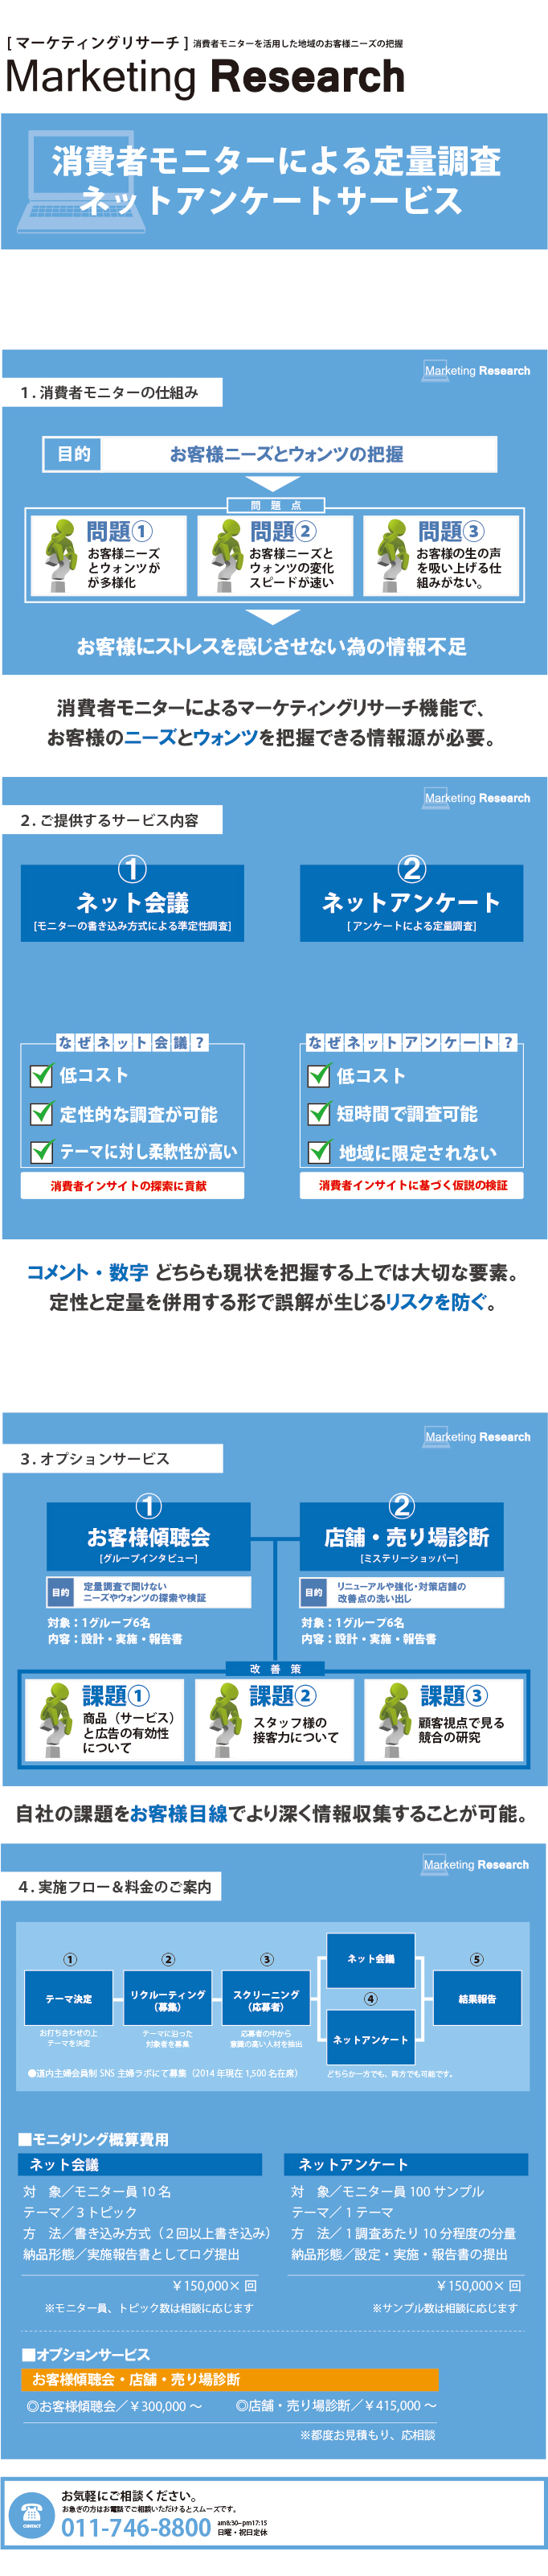 東洋印刷の消費者モニターサービス